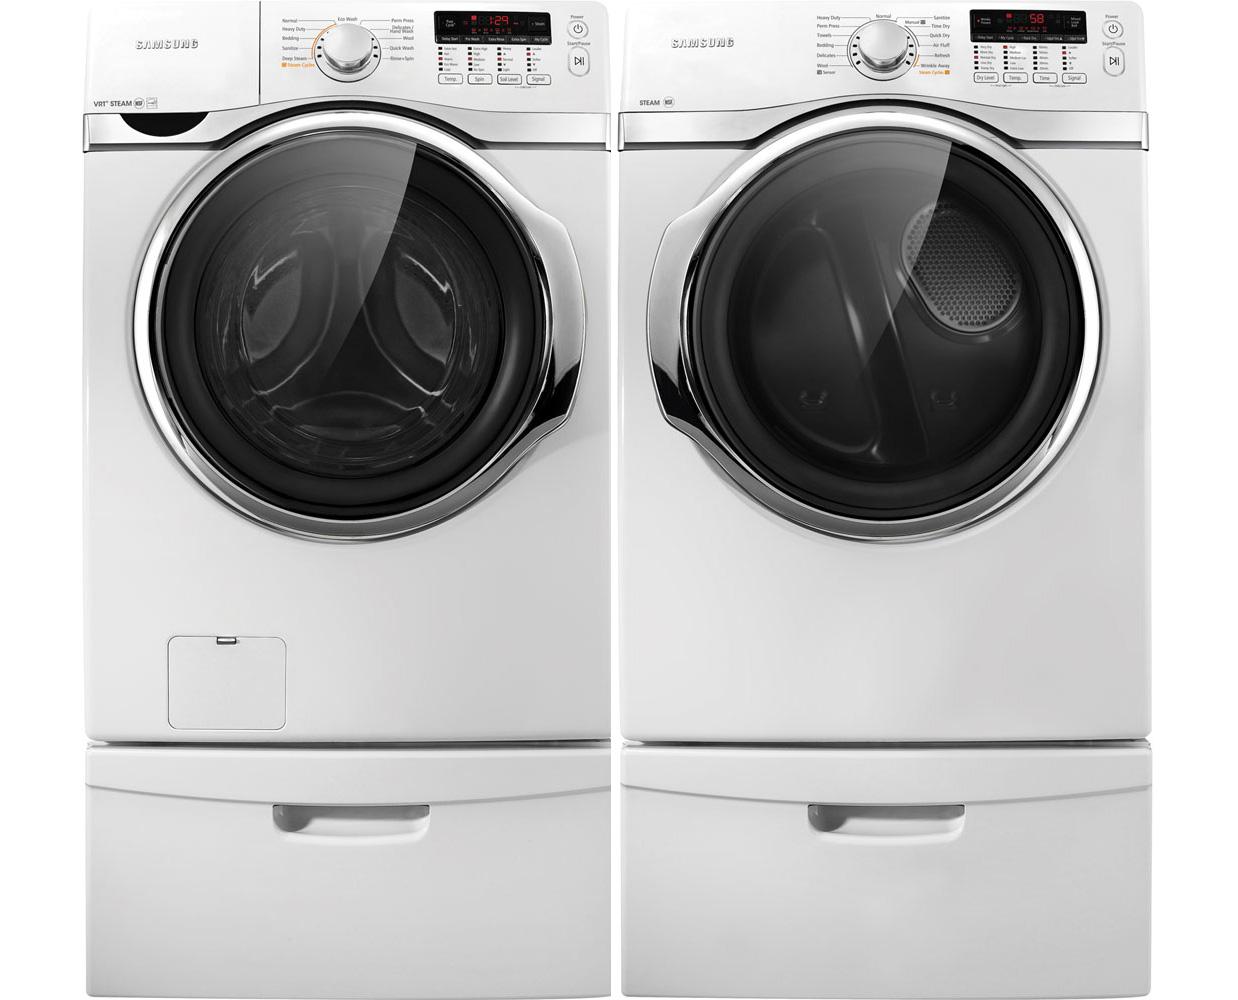 Samsung White Steam Washer Amp Steam Gas Dryer Laundry Pair